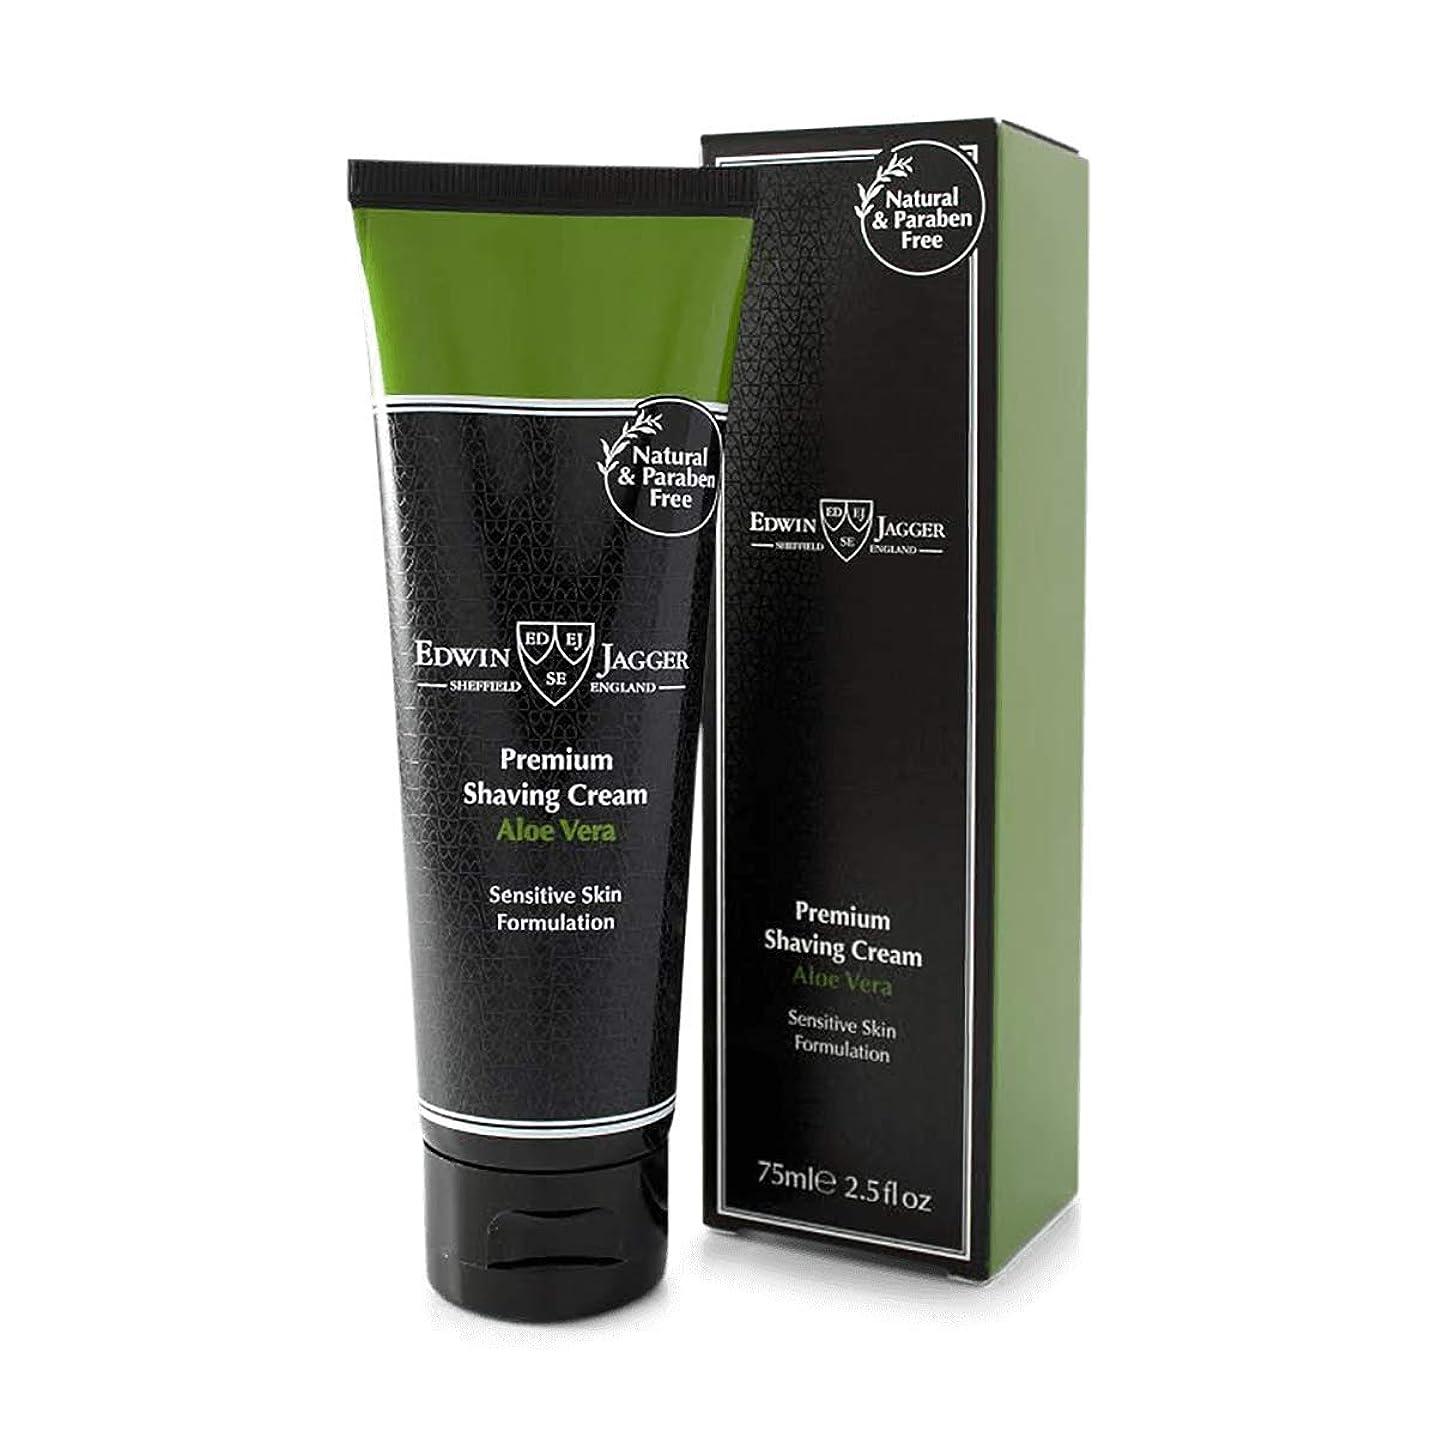 キャベツふつう一月エドウィンジャガー プレミアム シェービング クリーム アロエベラ75ml[海外直送品]Edwin Jagger Premium Shaving Cream Aloe Vera 75ml [並行輸入品]